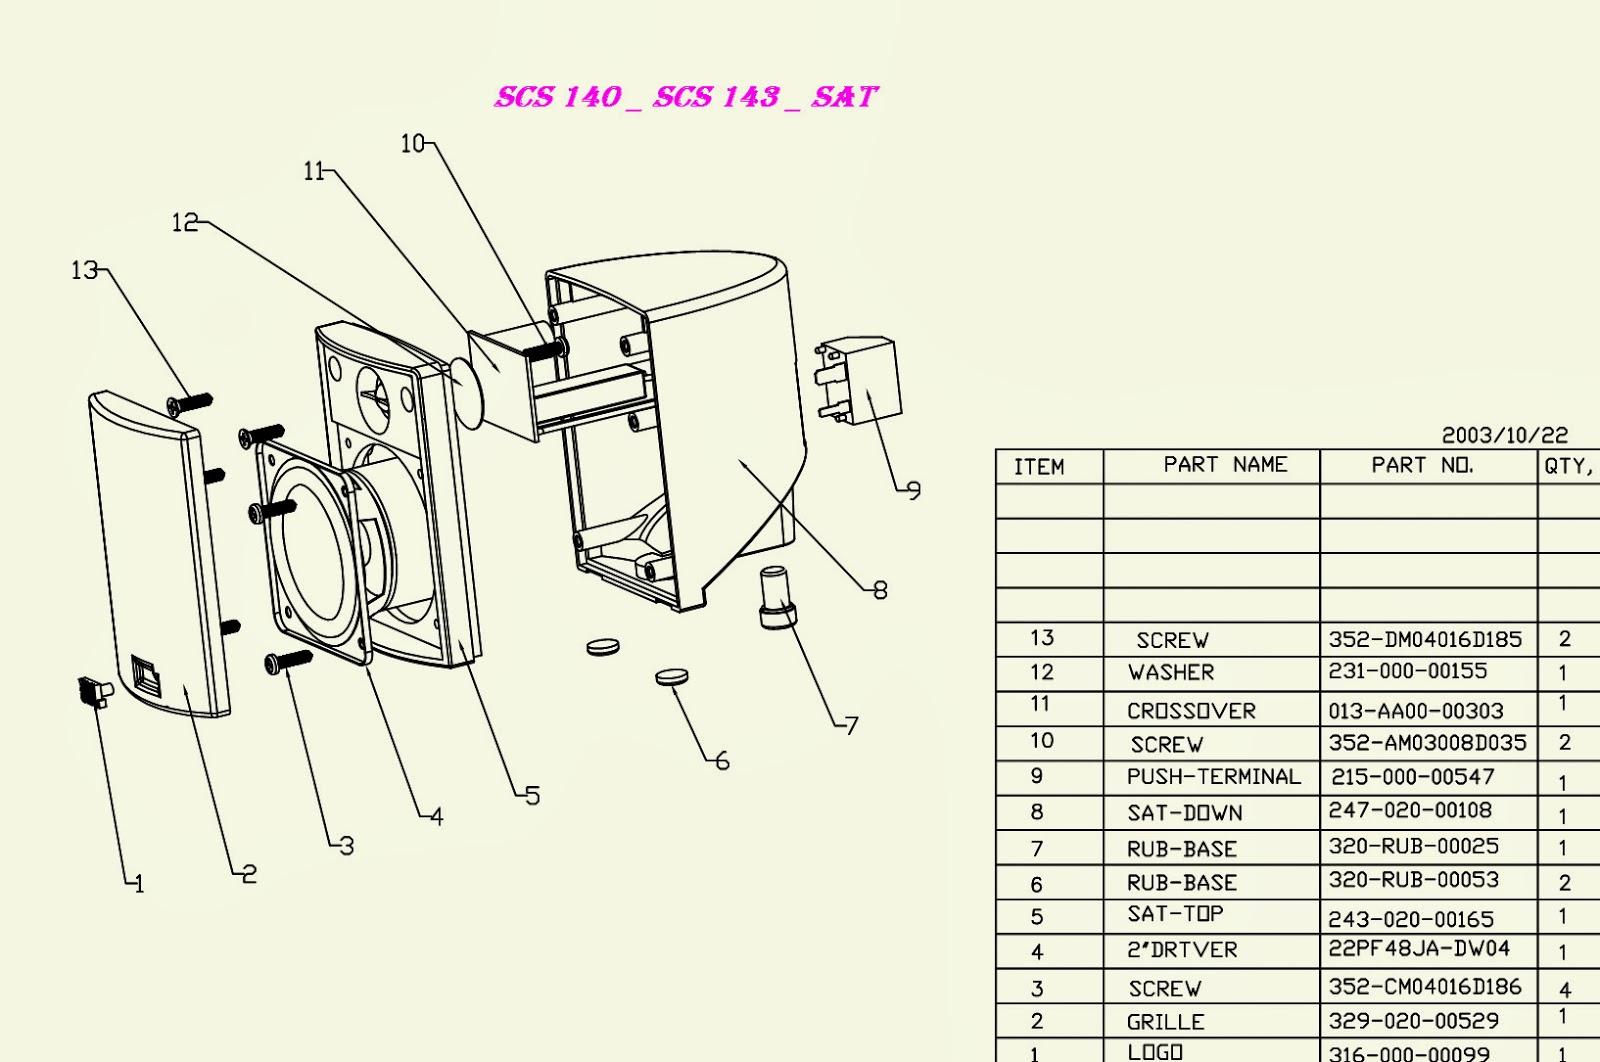 jbl scs 140 scs146 schematic diagram [ 1600 x 1062 Pixel ]